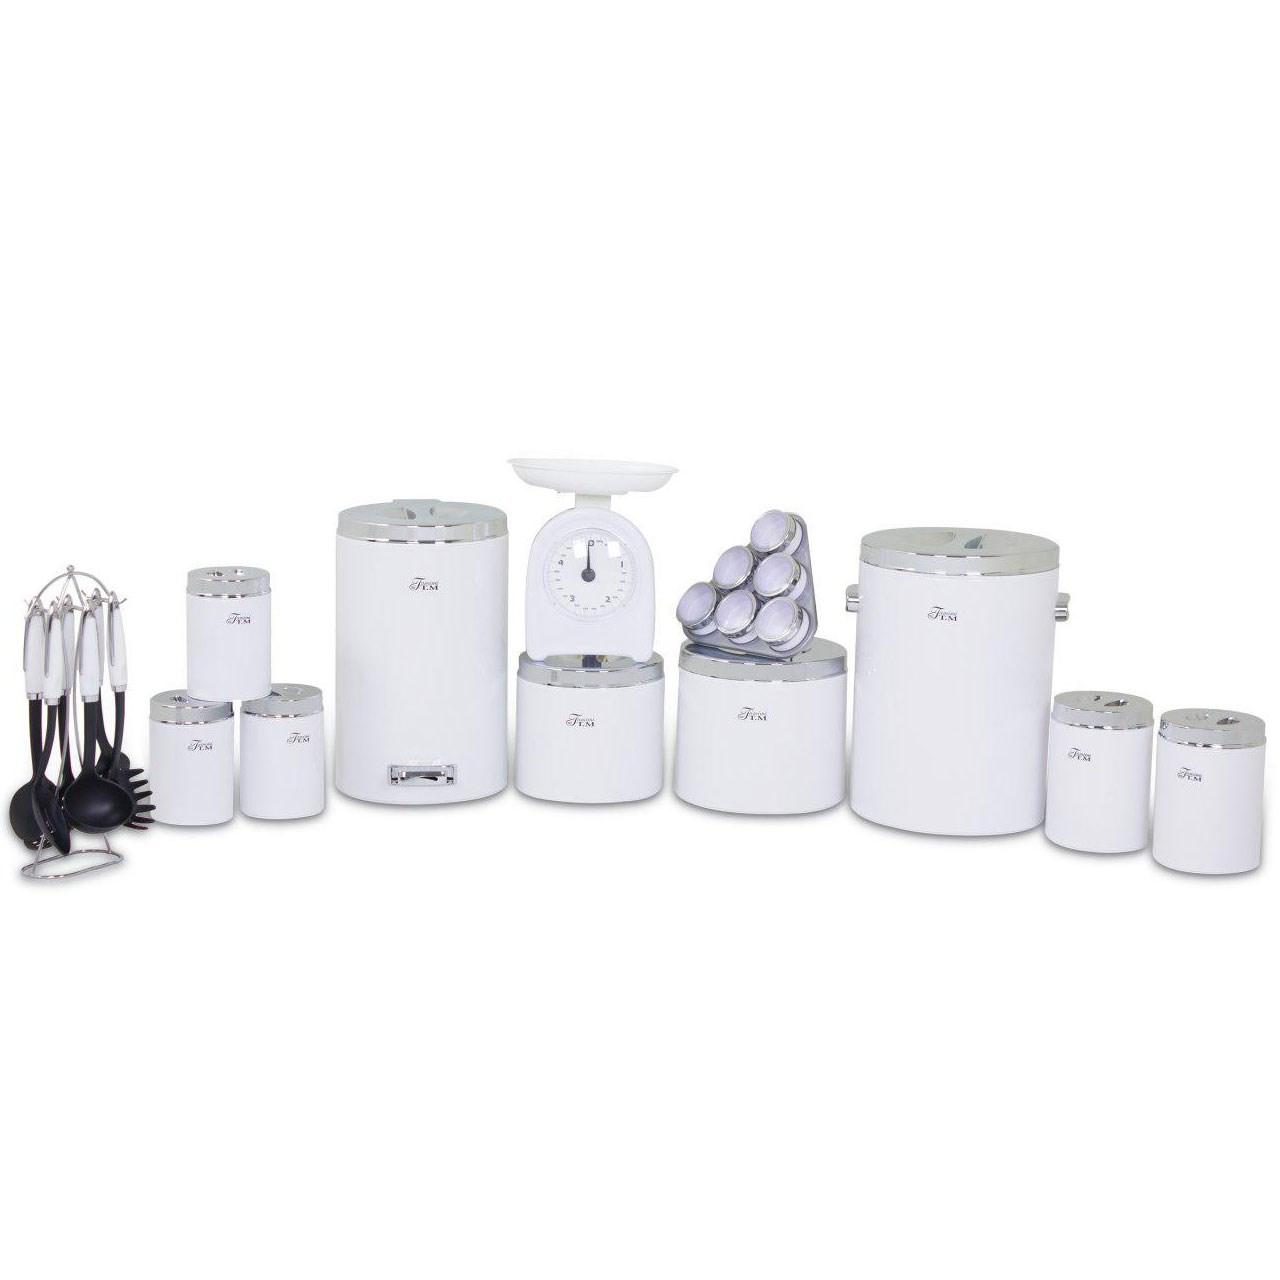 سرویس 24 پارچه آشپزخانه تی ام مدل TM4